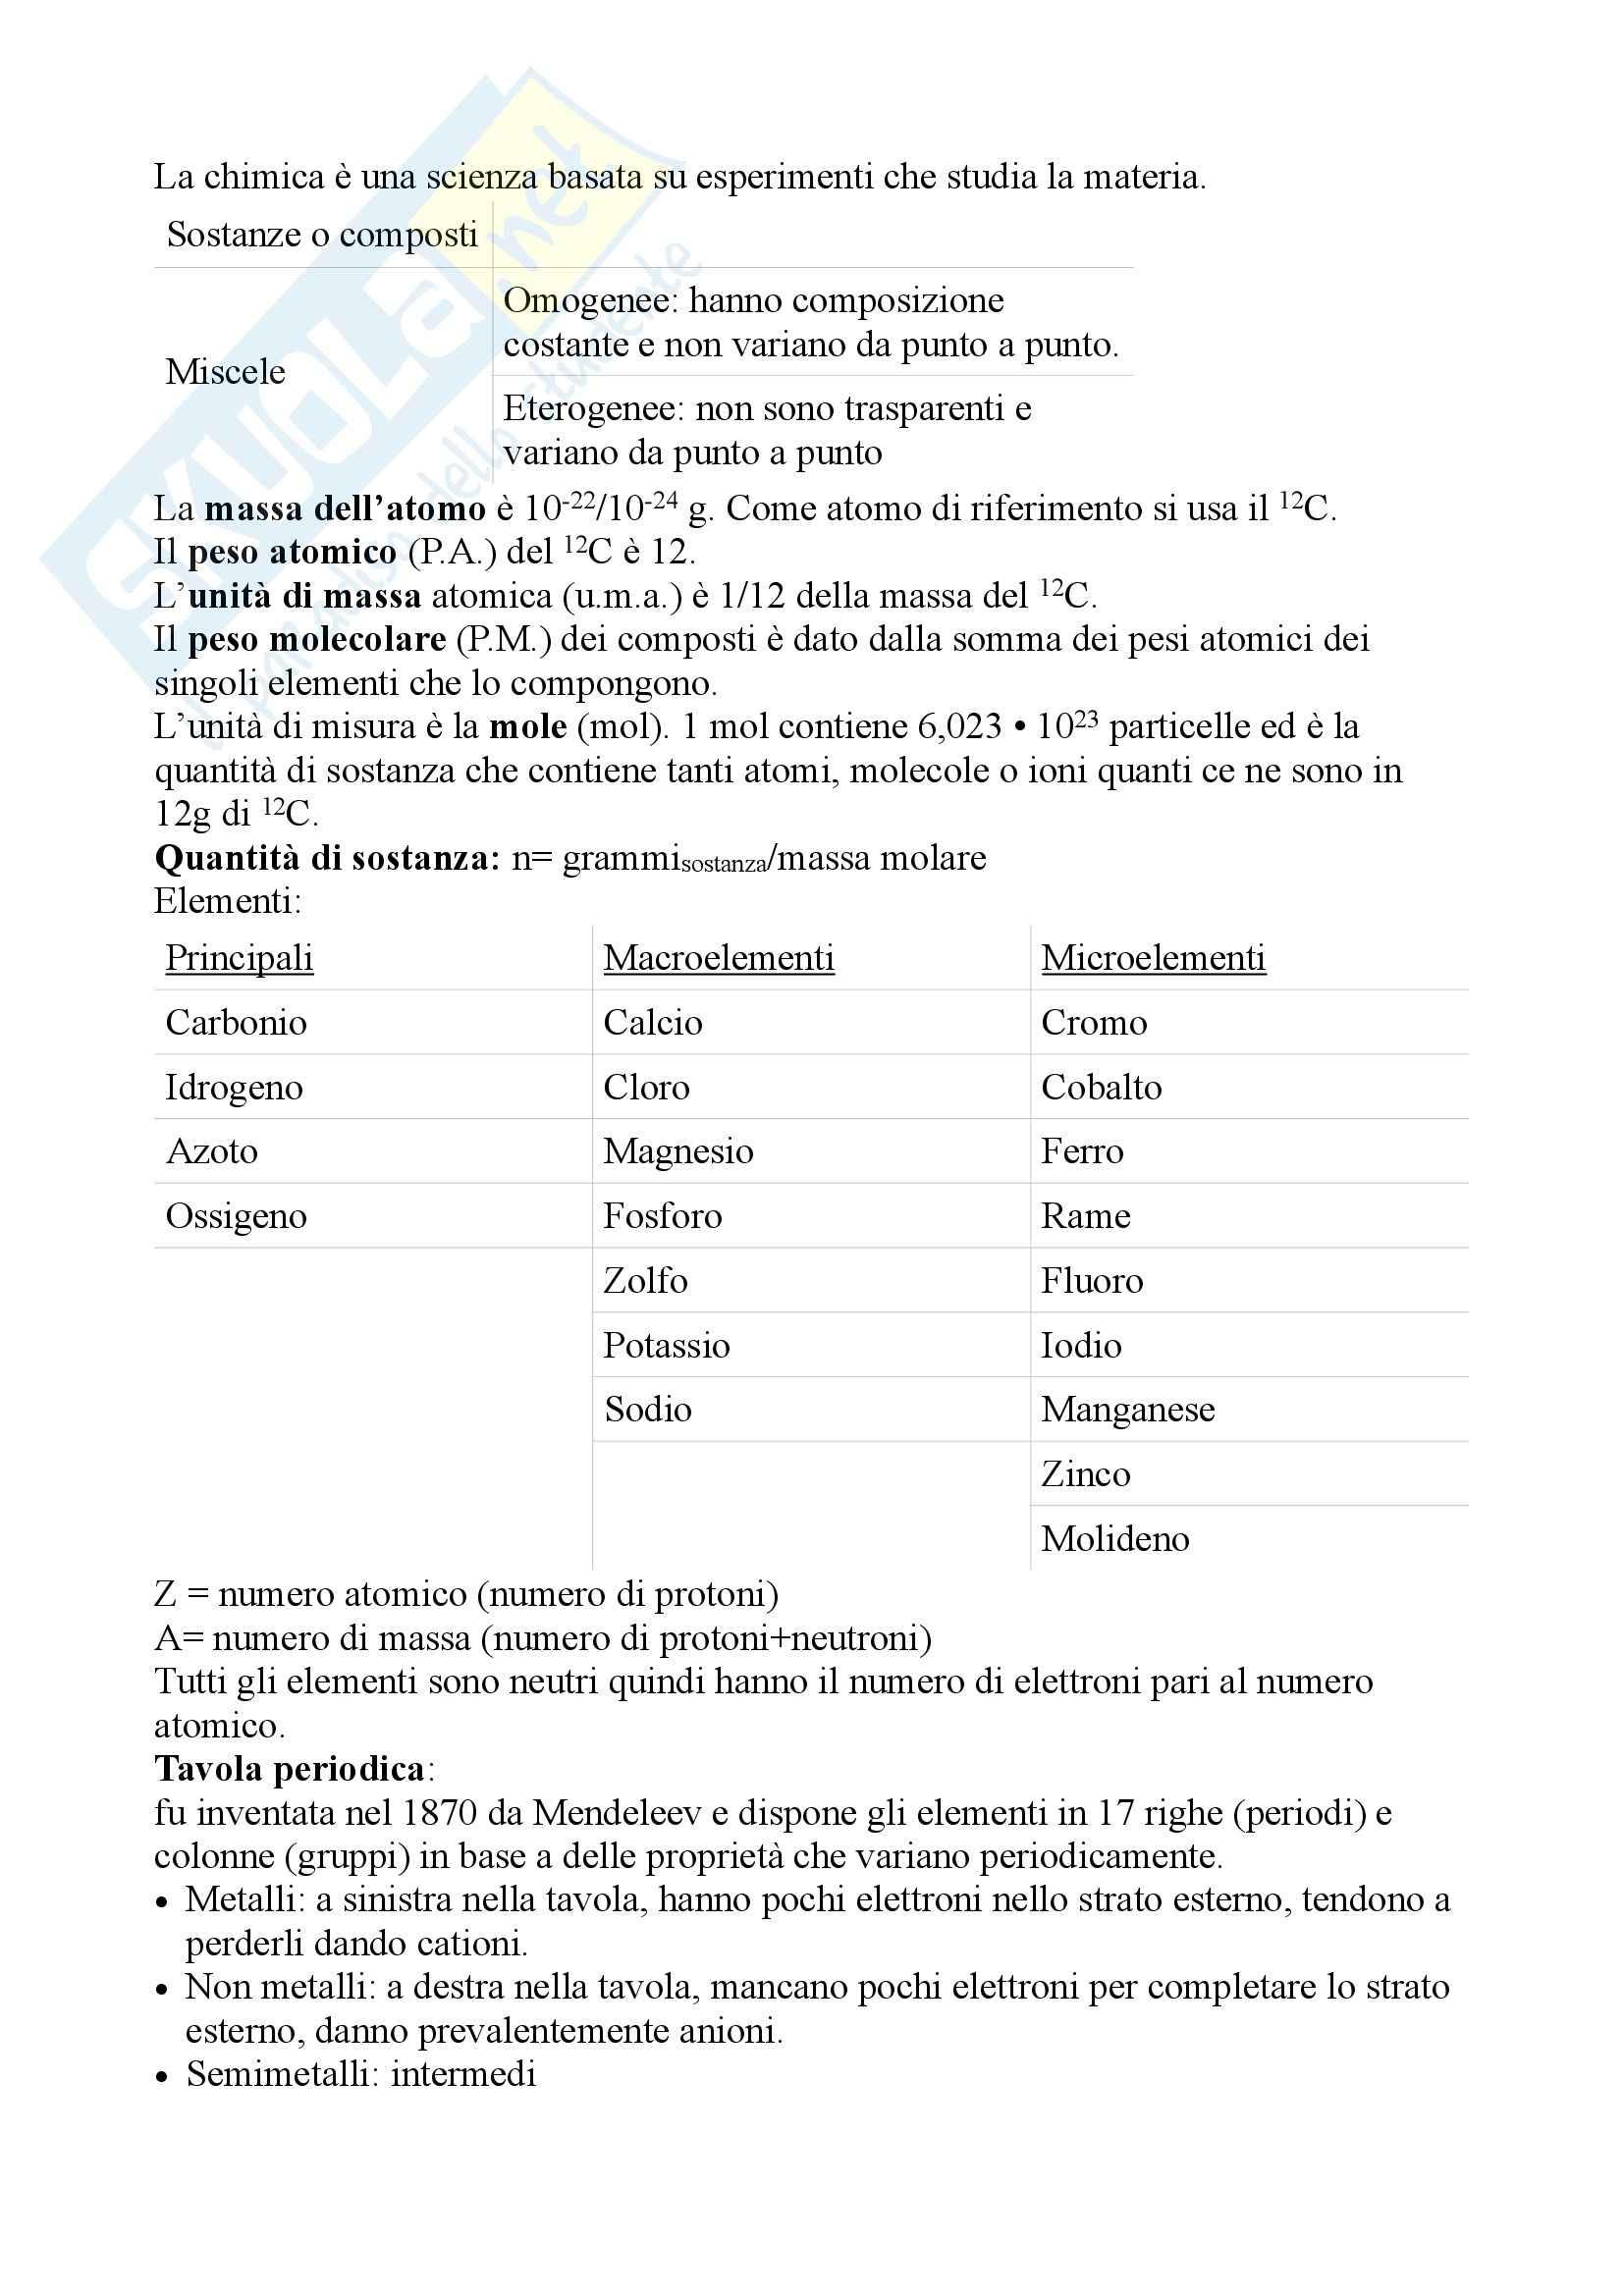 Chimica e Propedeutica Biochimica - Appunti